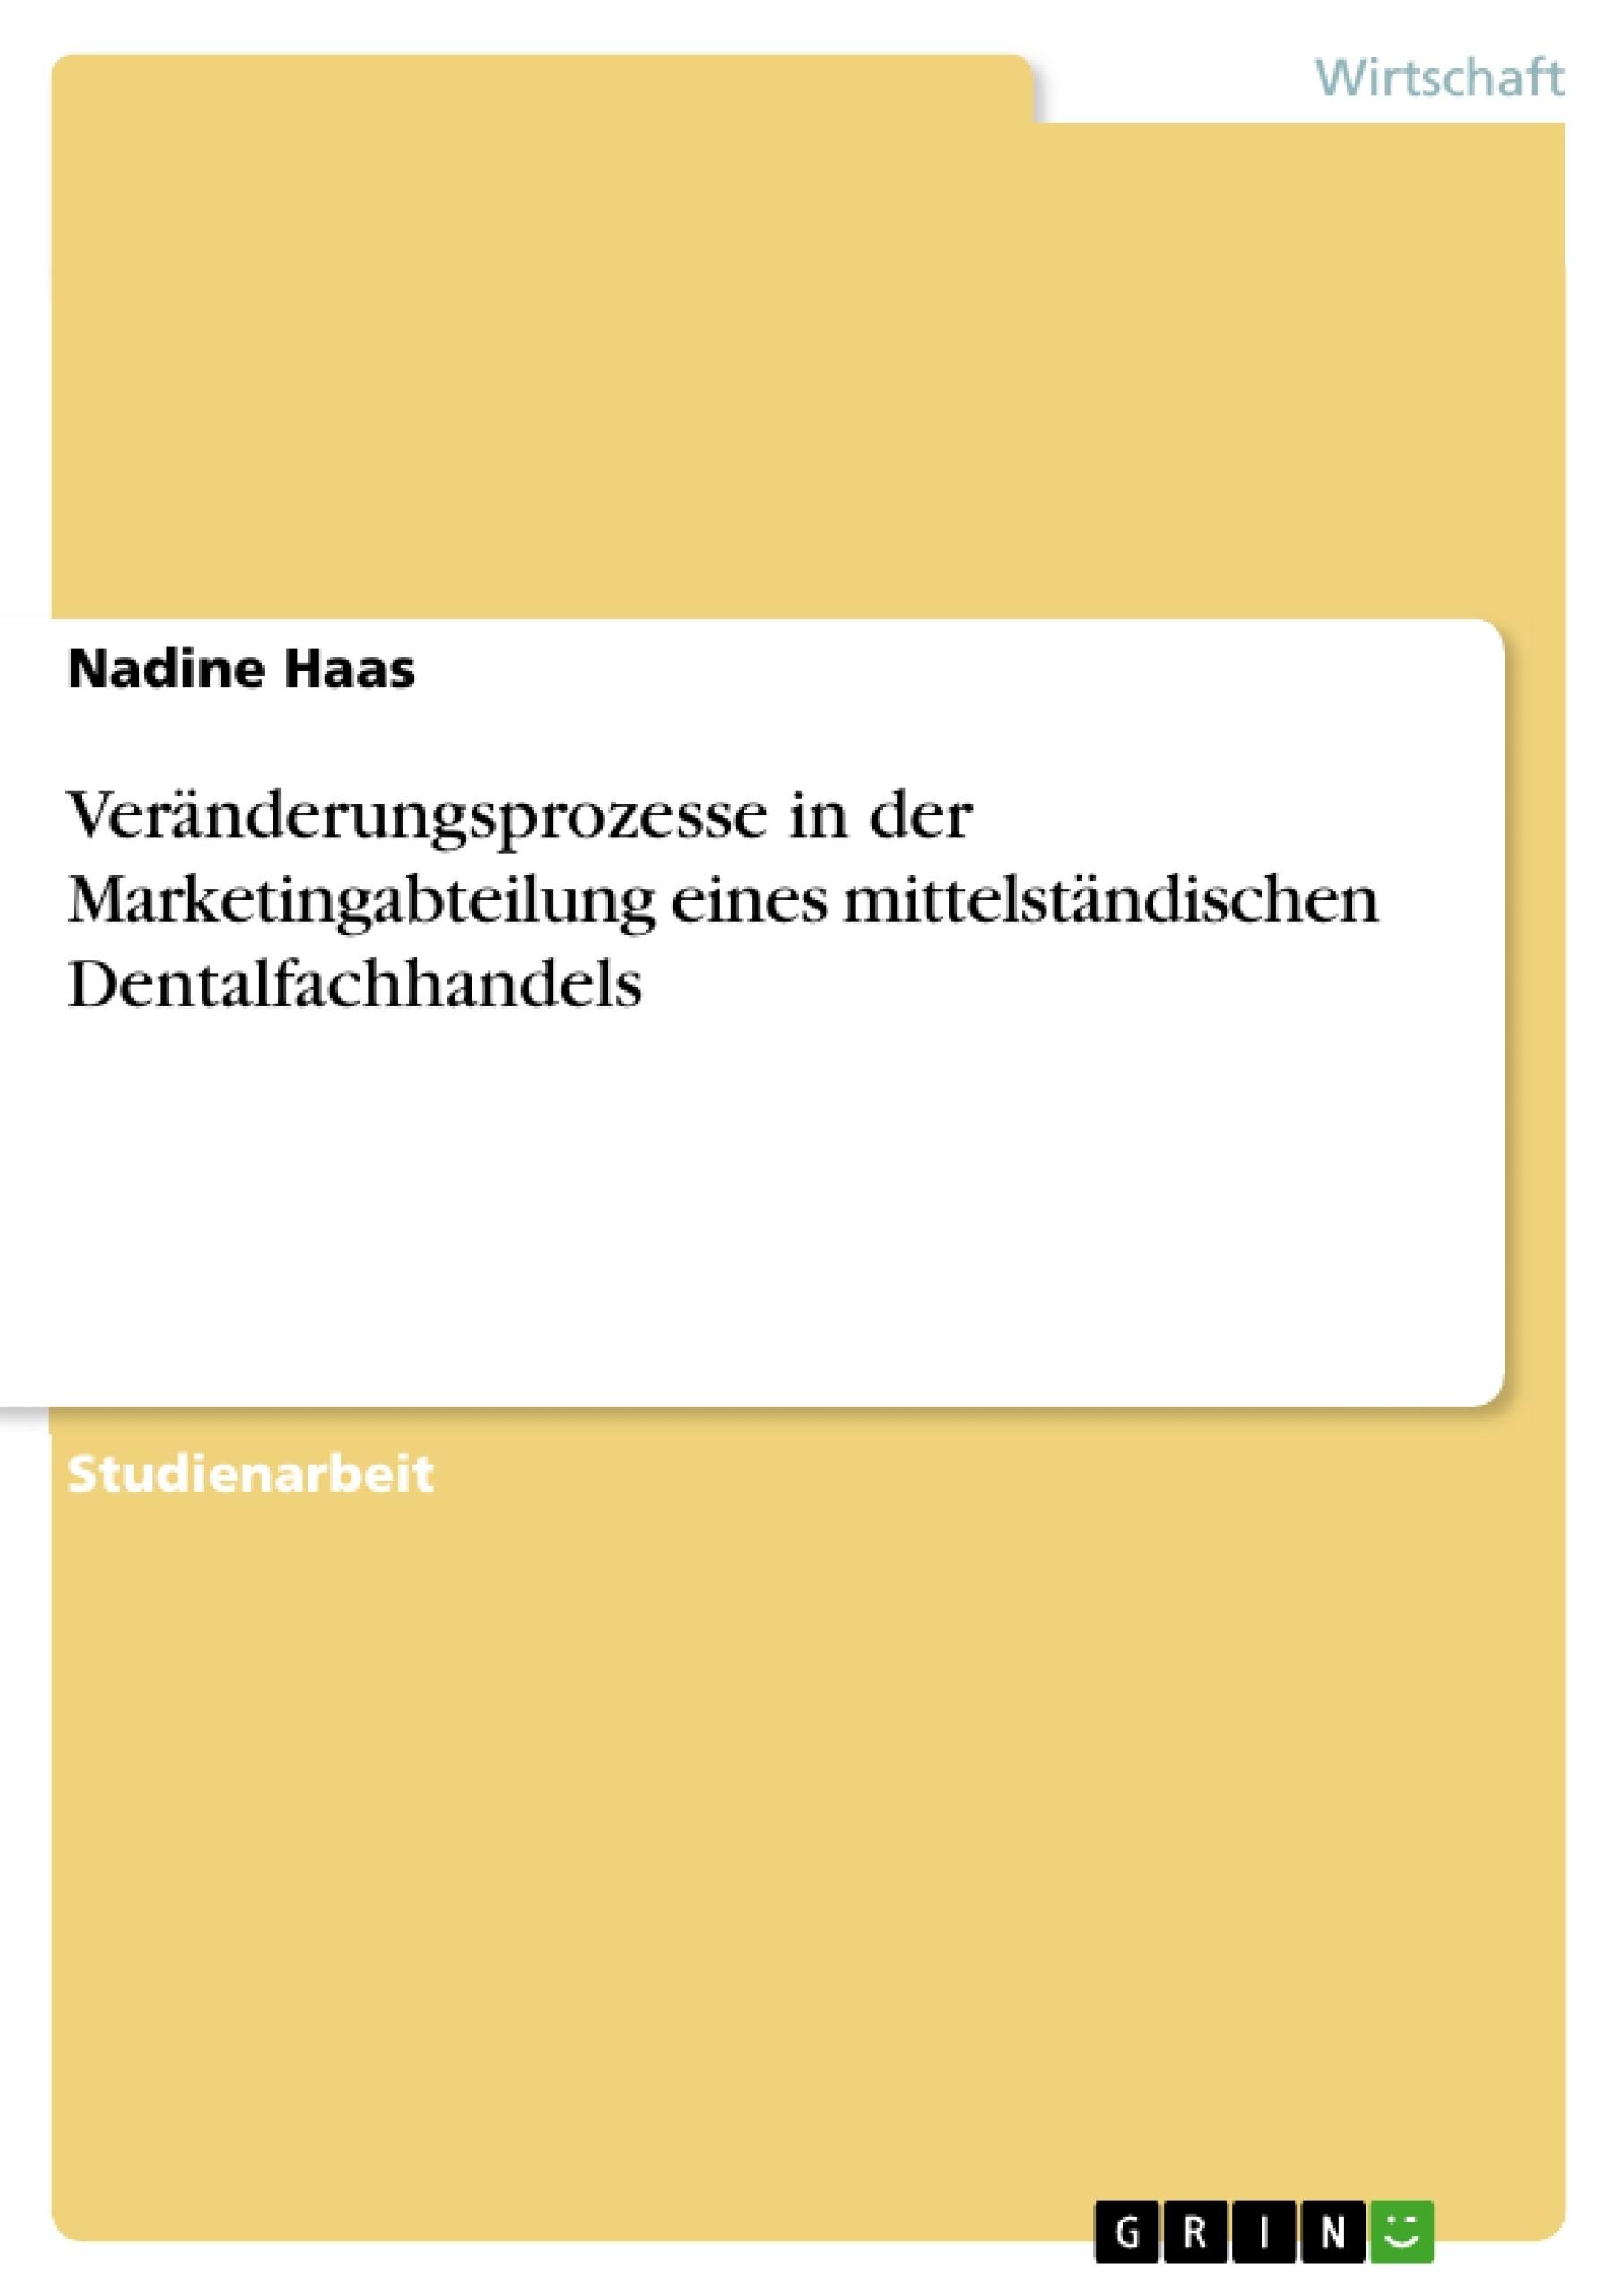 Titel: Veränderungsprozesse in der Marketingabteilung eines mittelständischen Dentalfachhandels